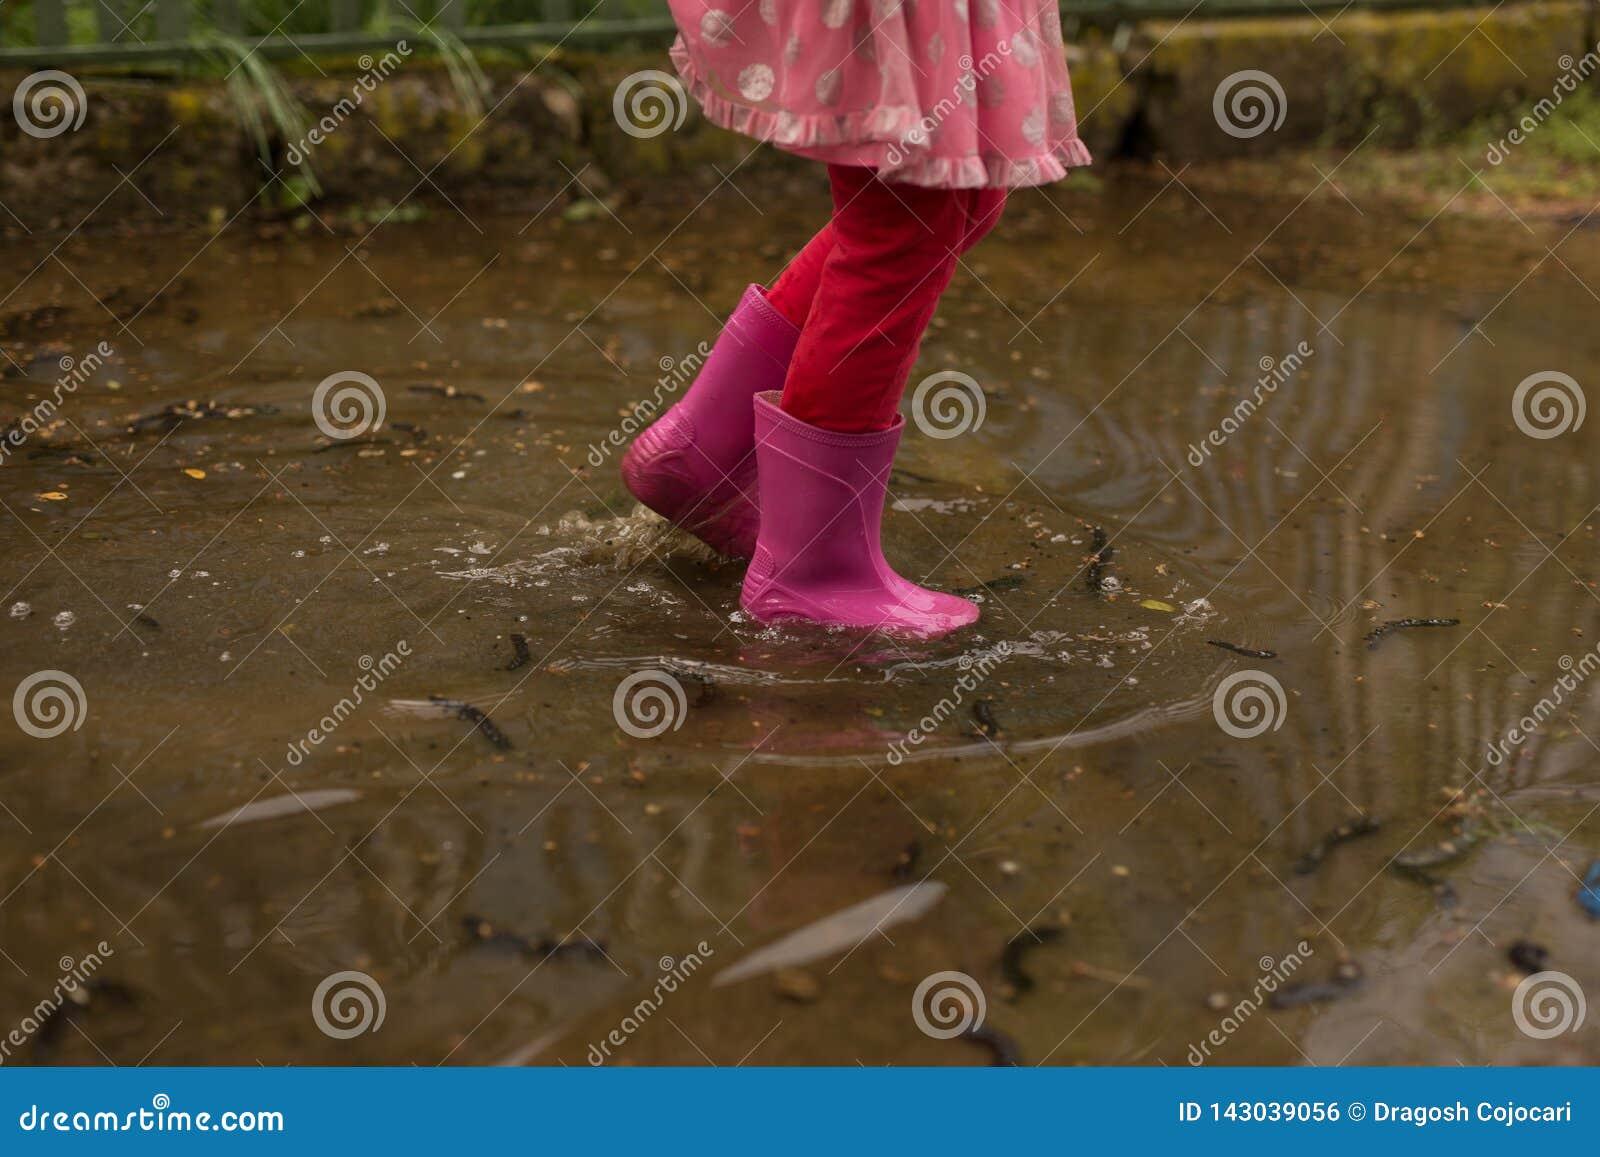 Скачка шаловливой маленькой девочки на открытом воздухе в лужицу в розовом ботинке после дождя деньги дома владельцев дома цен пр